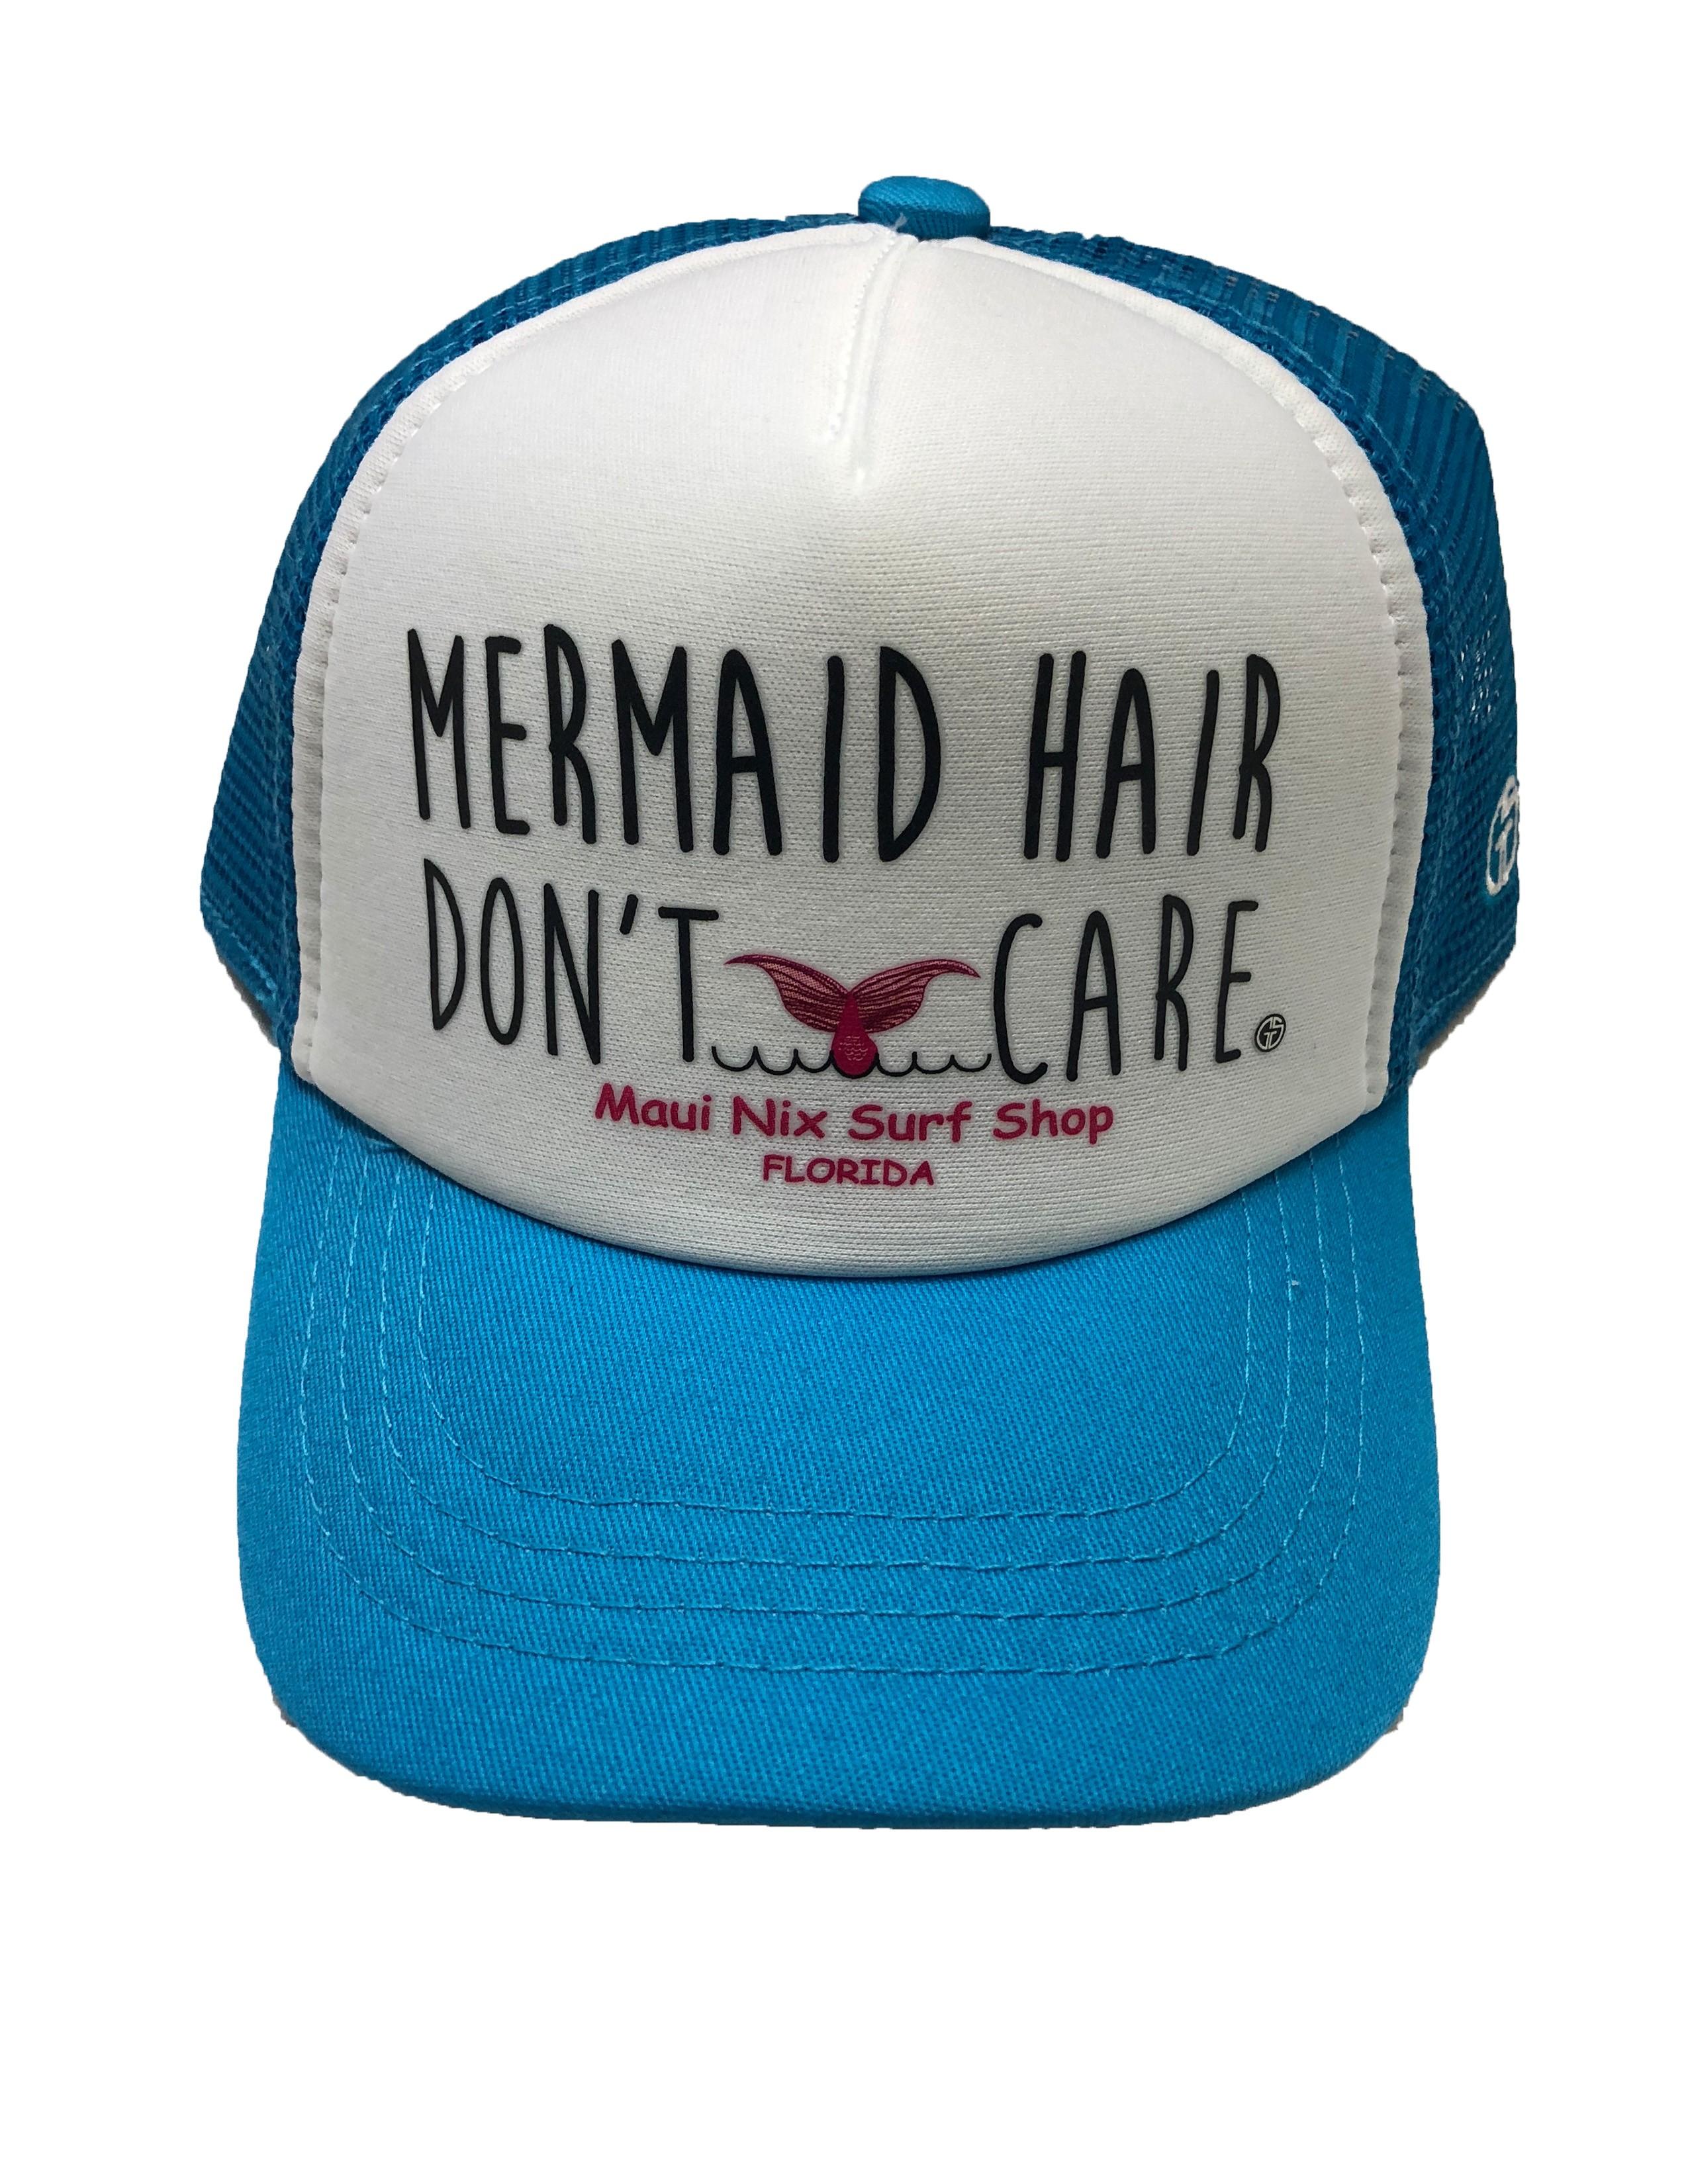 Maui Nix Grom Squad Mermaid Hair Kids Hat (Size Big) 4dd6700dfd9